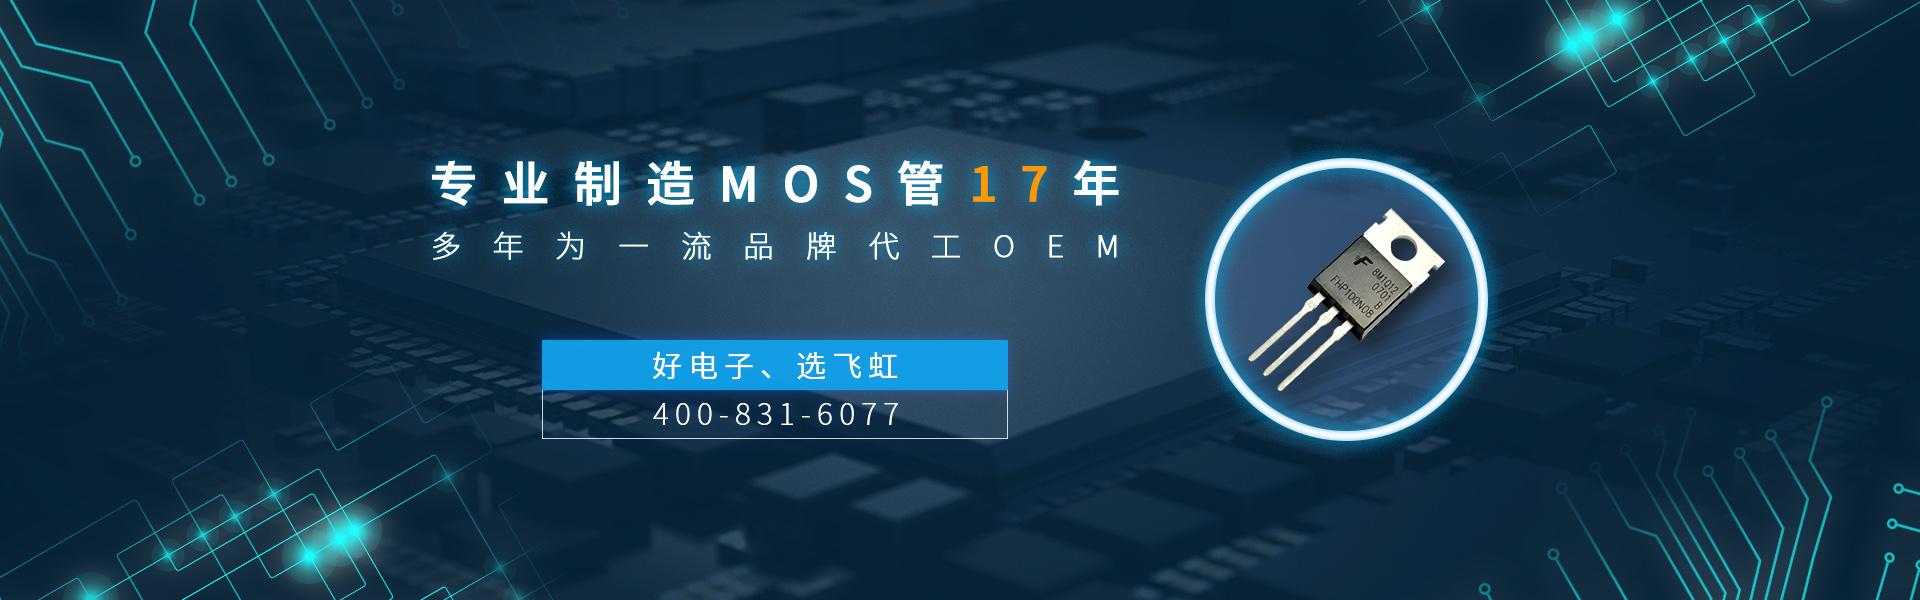 广zhoumos管厂家找18luck电zi,17年专业制造经验